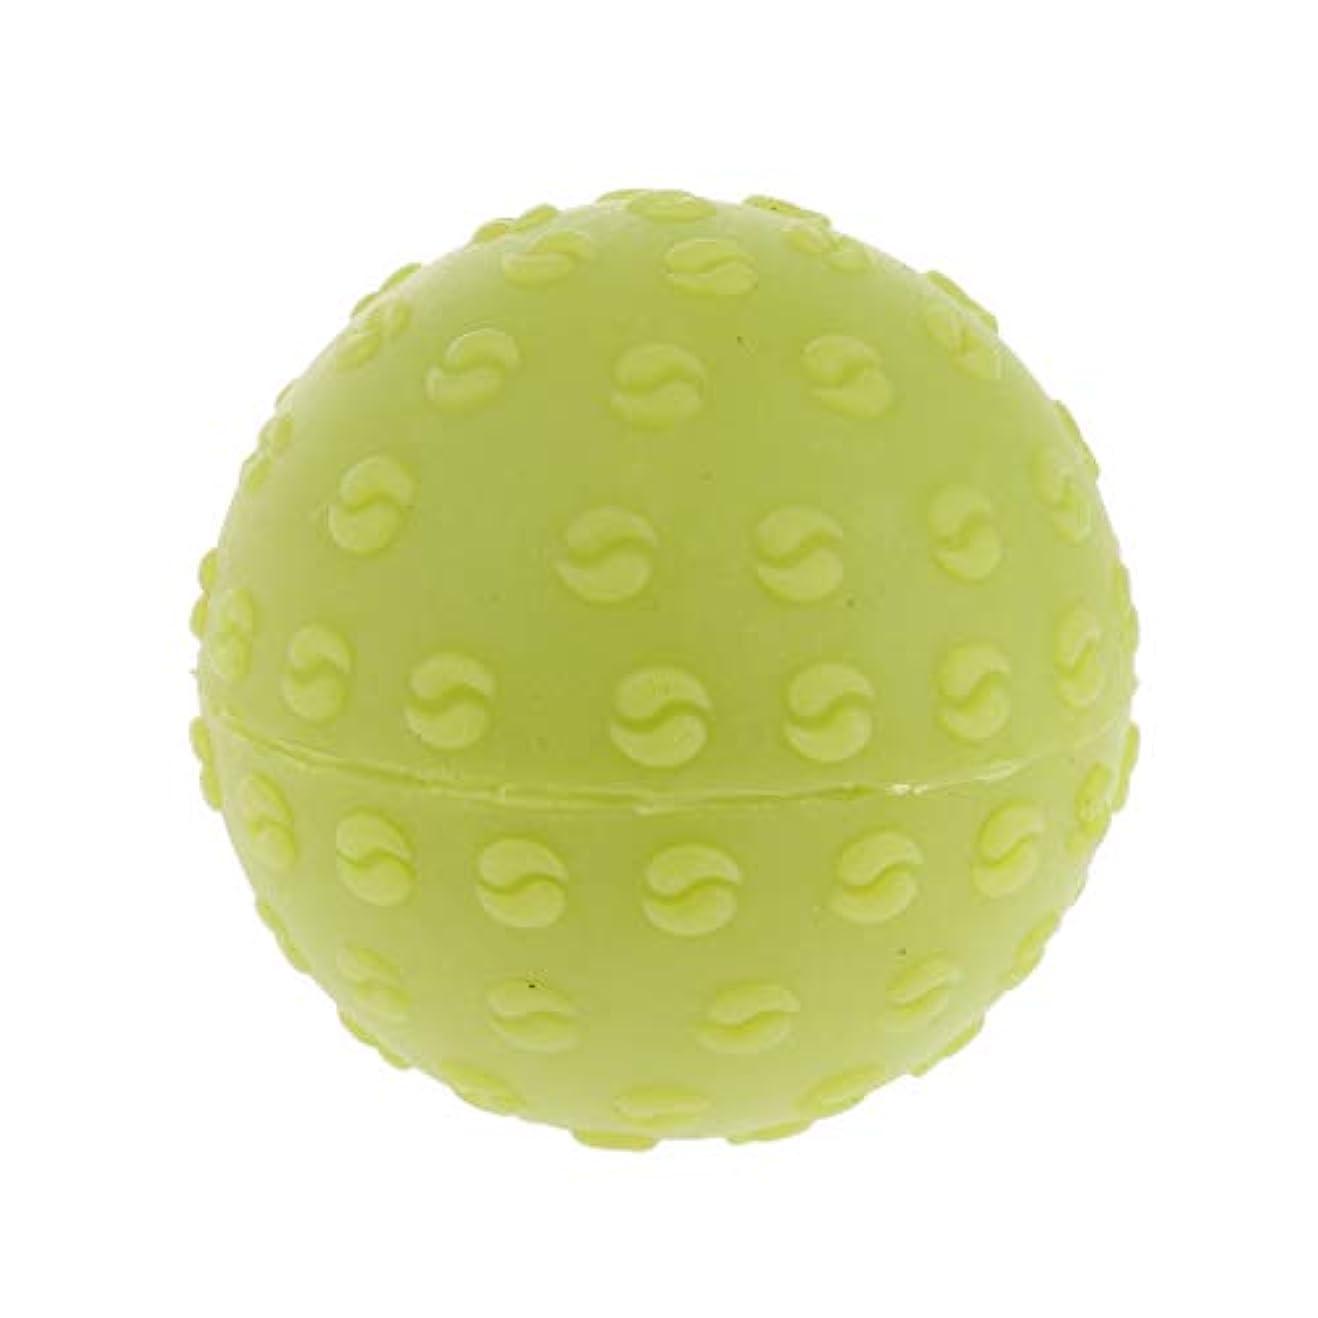 砂漠タイプライターレディマッサージボール 指圧ボール シリコーン トリガーポイント 足底筋膜炎 ヨガ 快適 全6色 - 緑, 説明のとおり